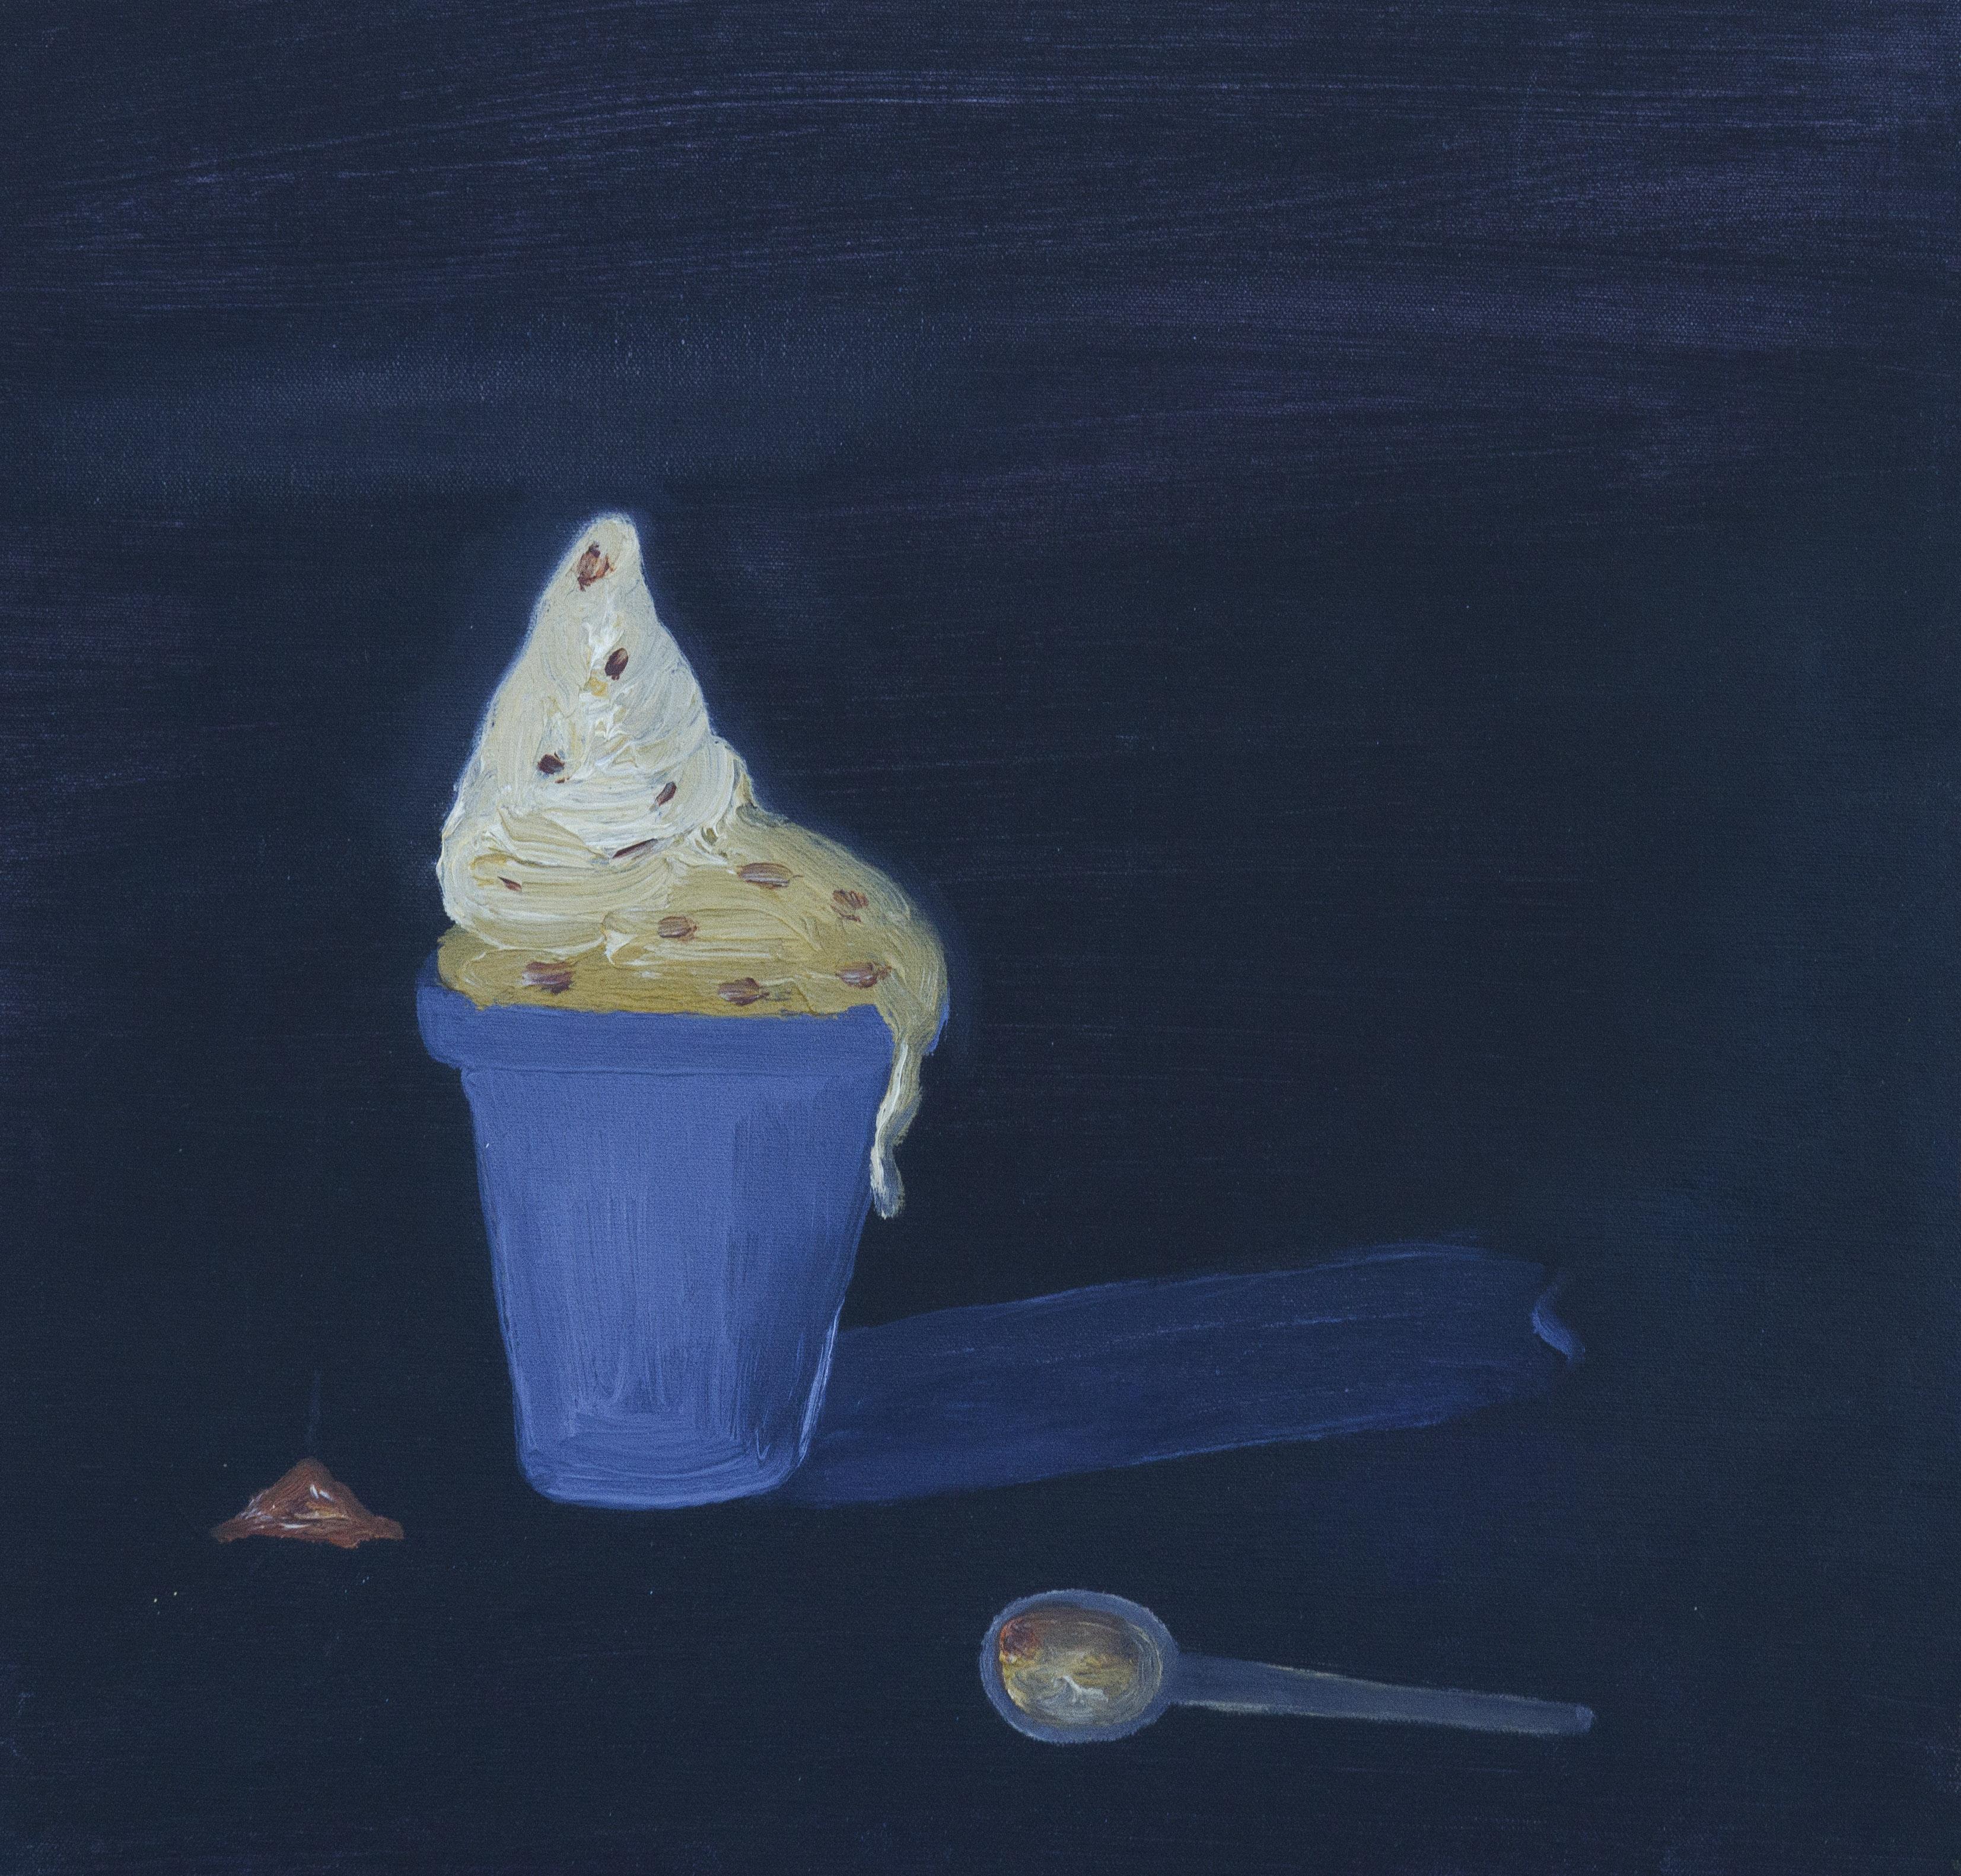 El helado.